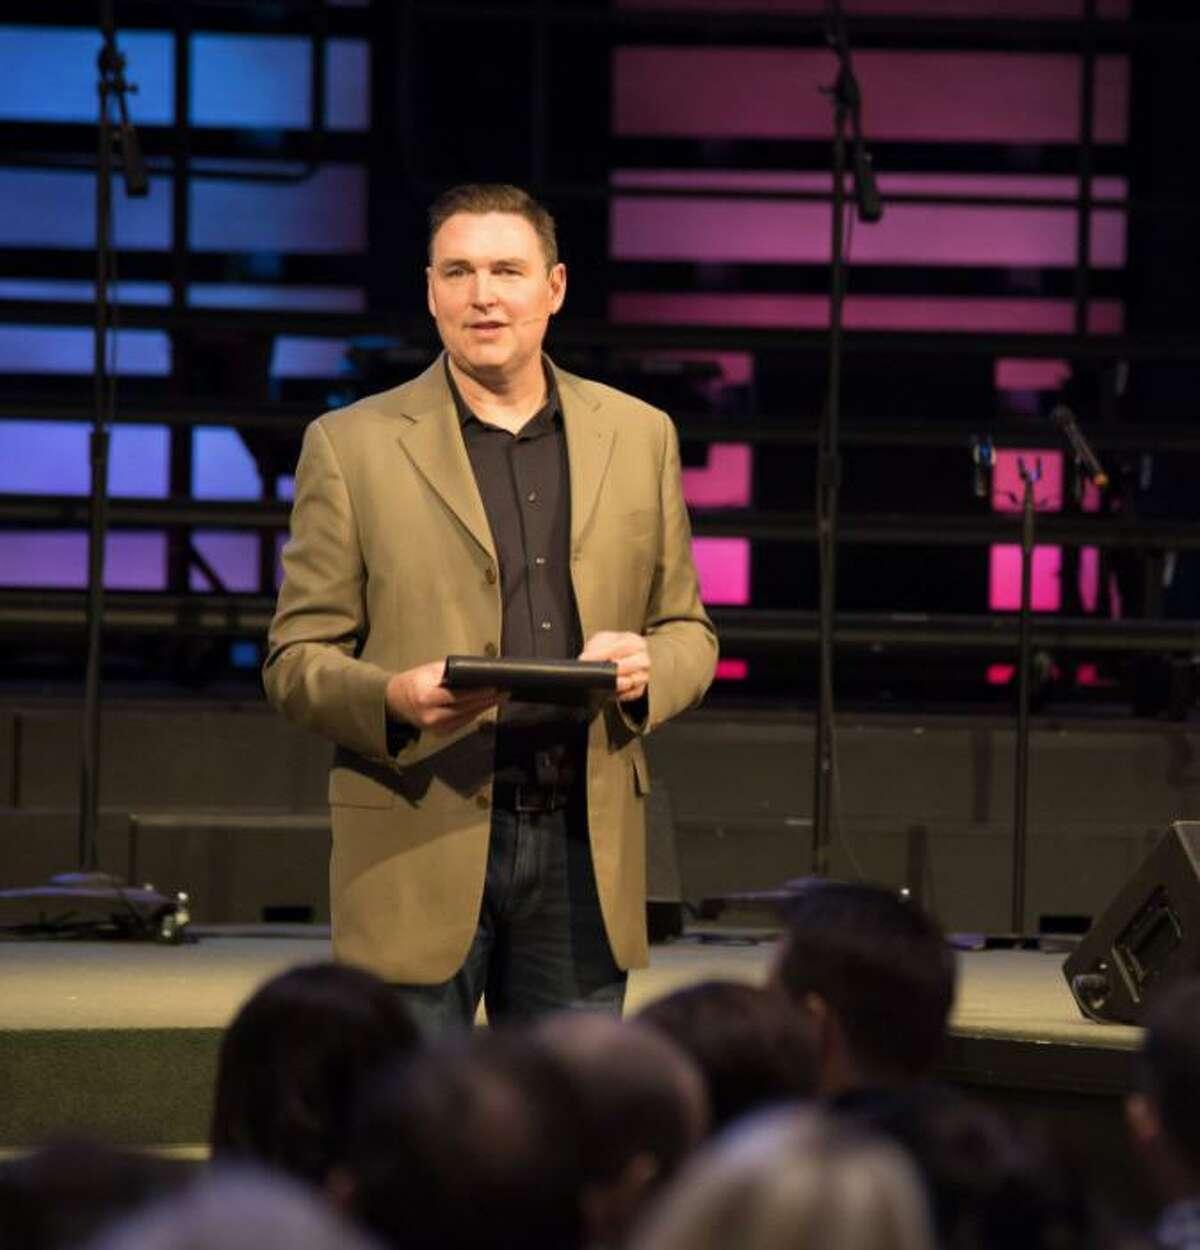 Senior Pastor Ryan Rush teaches at Kingsland Baptist Church.